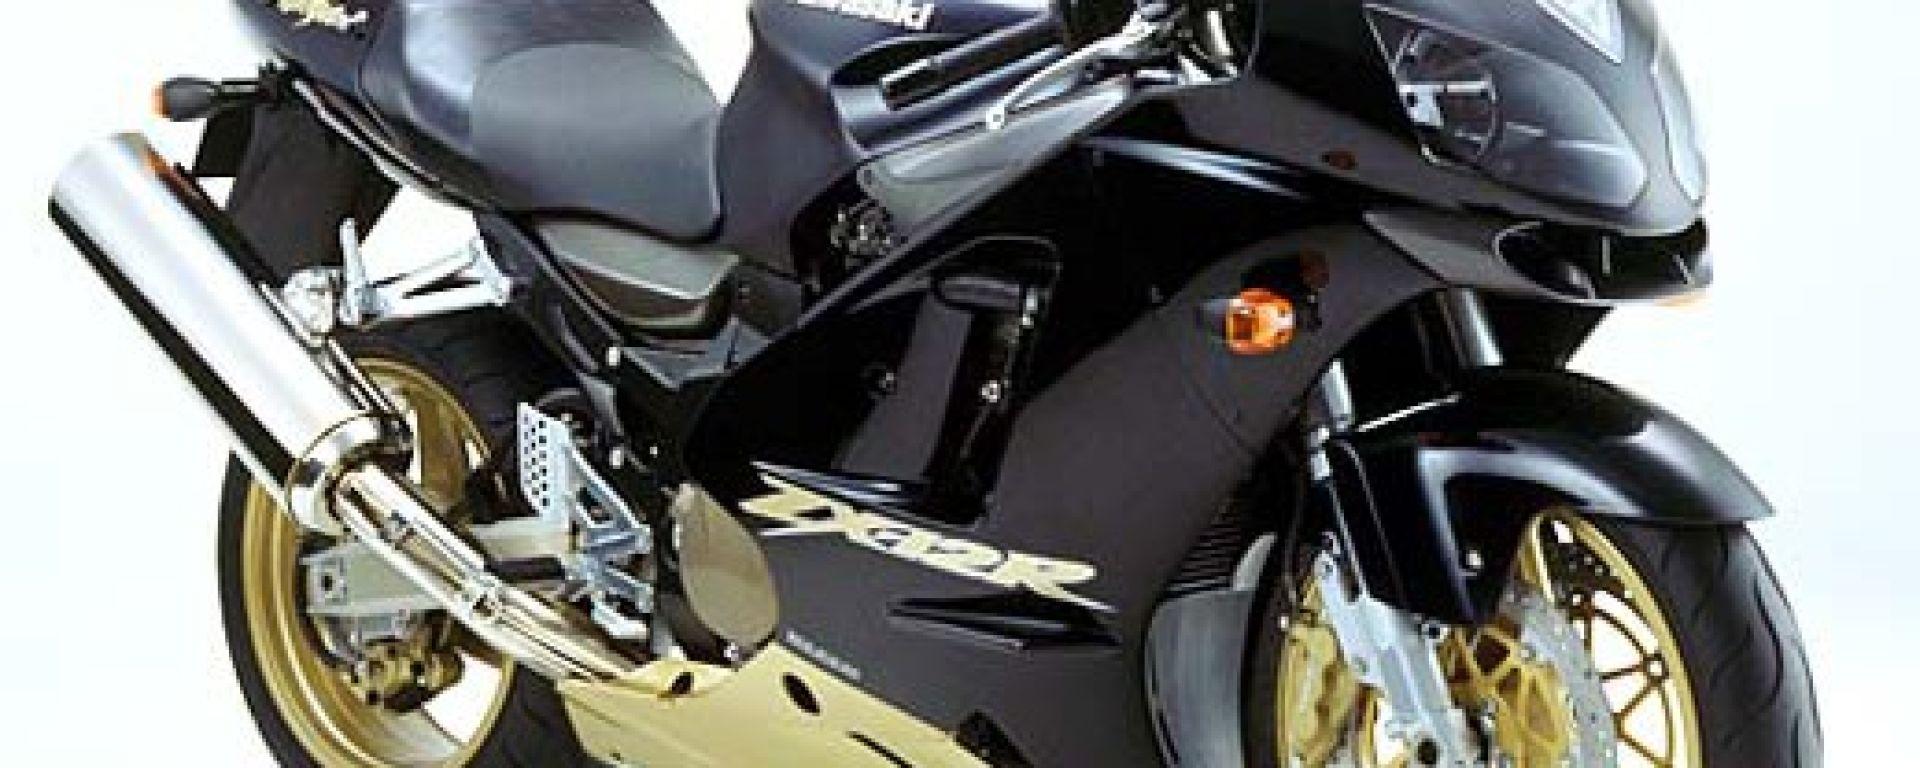 Novità Kawasaki 2002